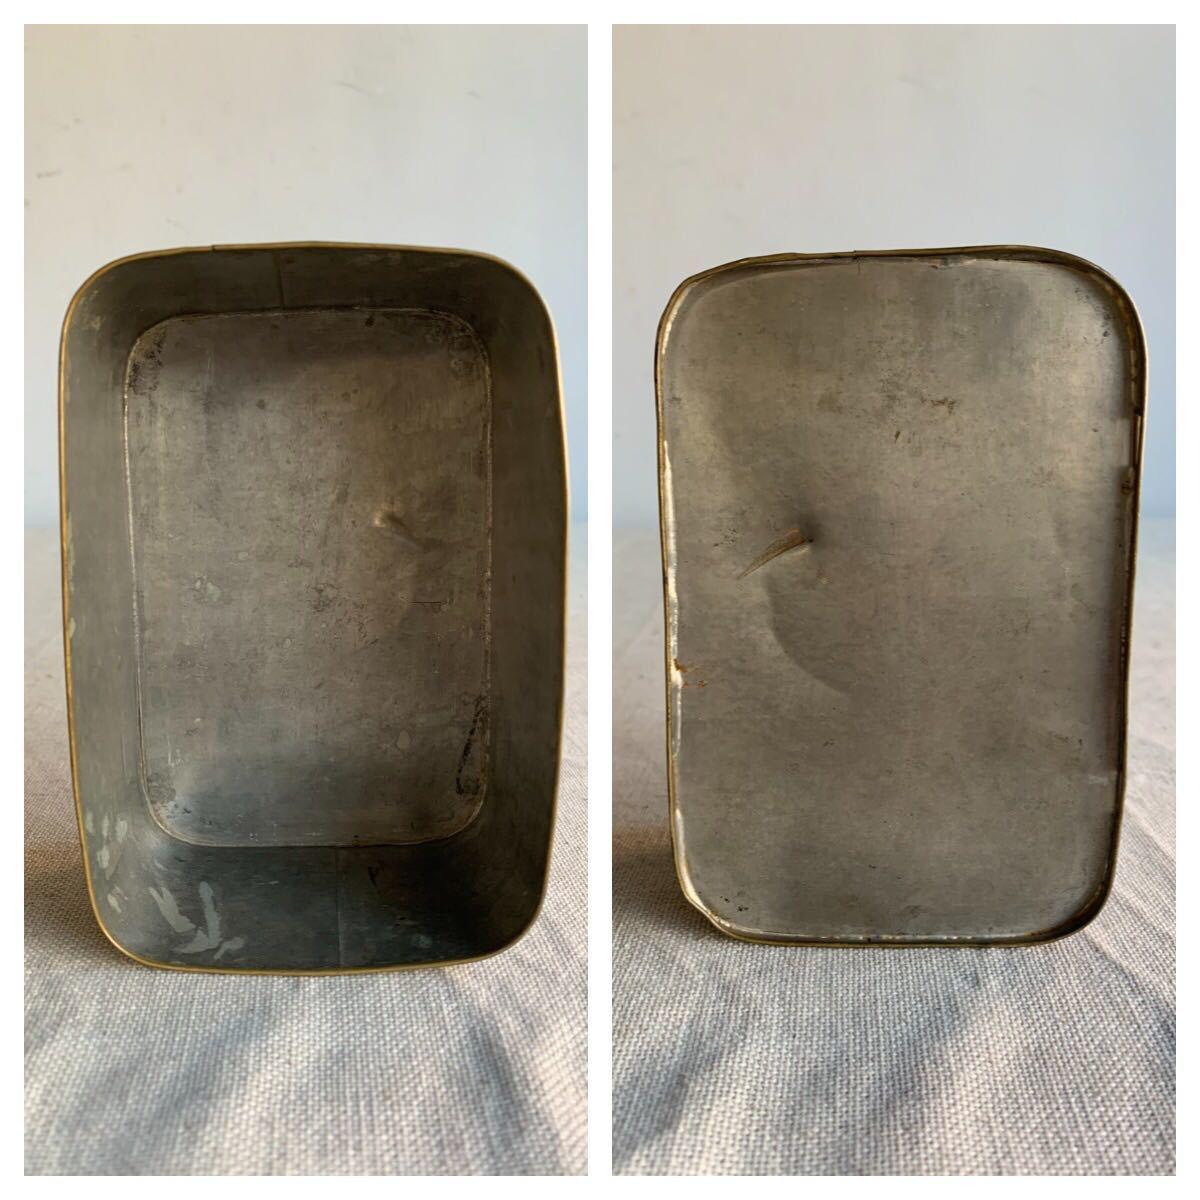 古い真鍮製の入れ子箱2個セット ケース収納旧家蔵出レトロ古民家古道具古物骨董アンティークビンテージシャビーインテリアディスプレイ整理_画像6